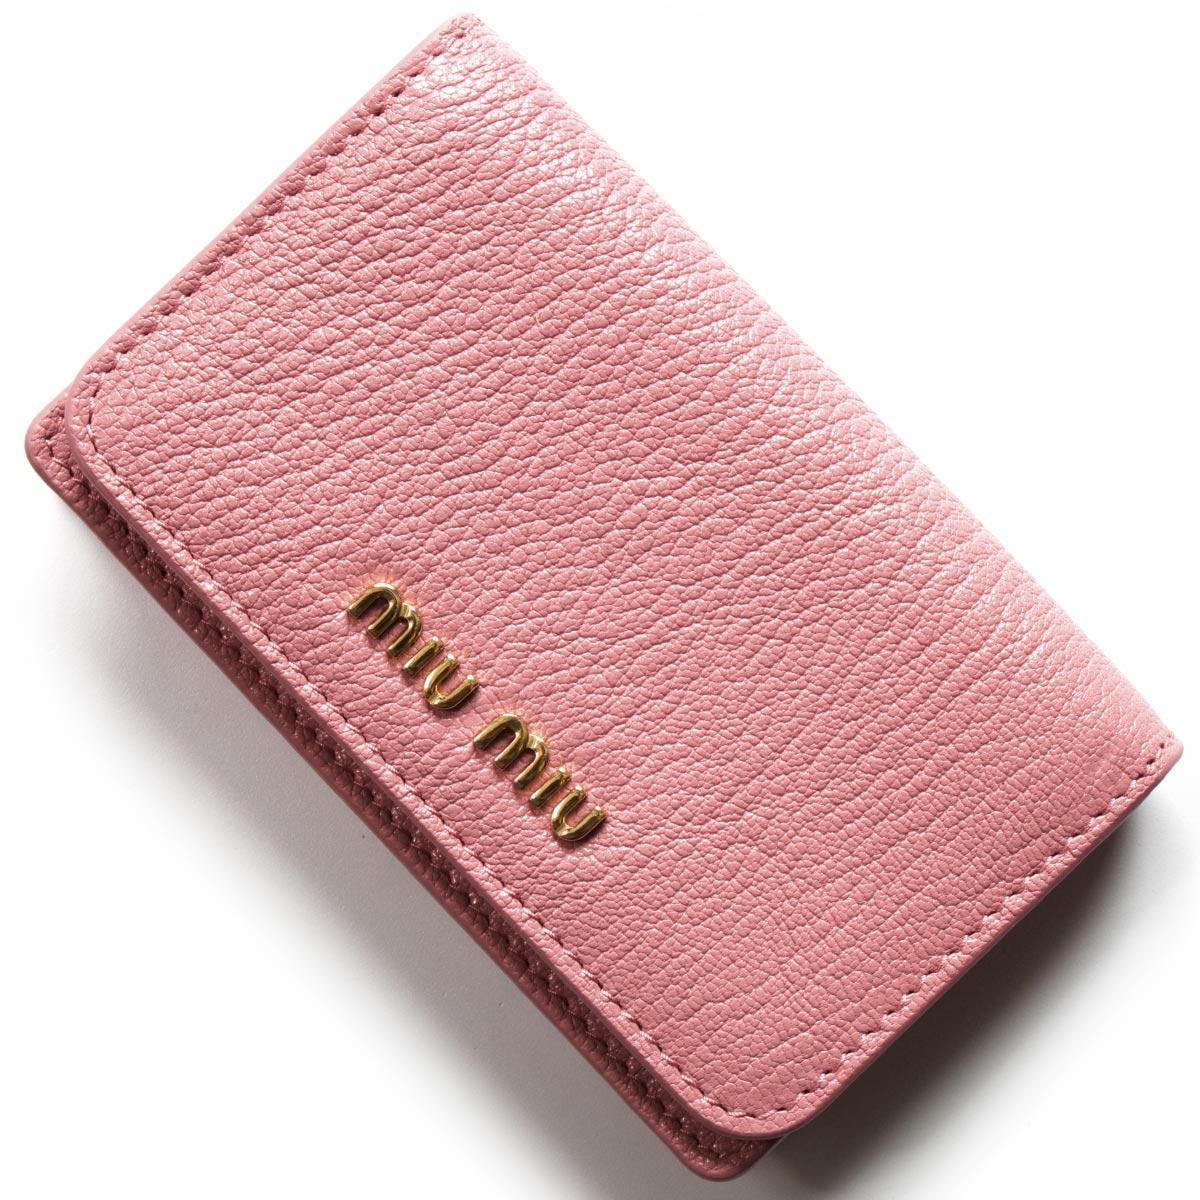 ミュウミュウ カードケース レディース マドラス カラー ローザピンク&ムゲットピンク 5MC011 2BJI F0387 2018年春夏新作 MIU MIU